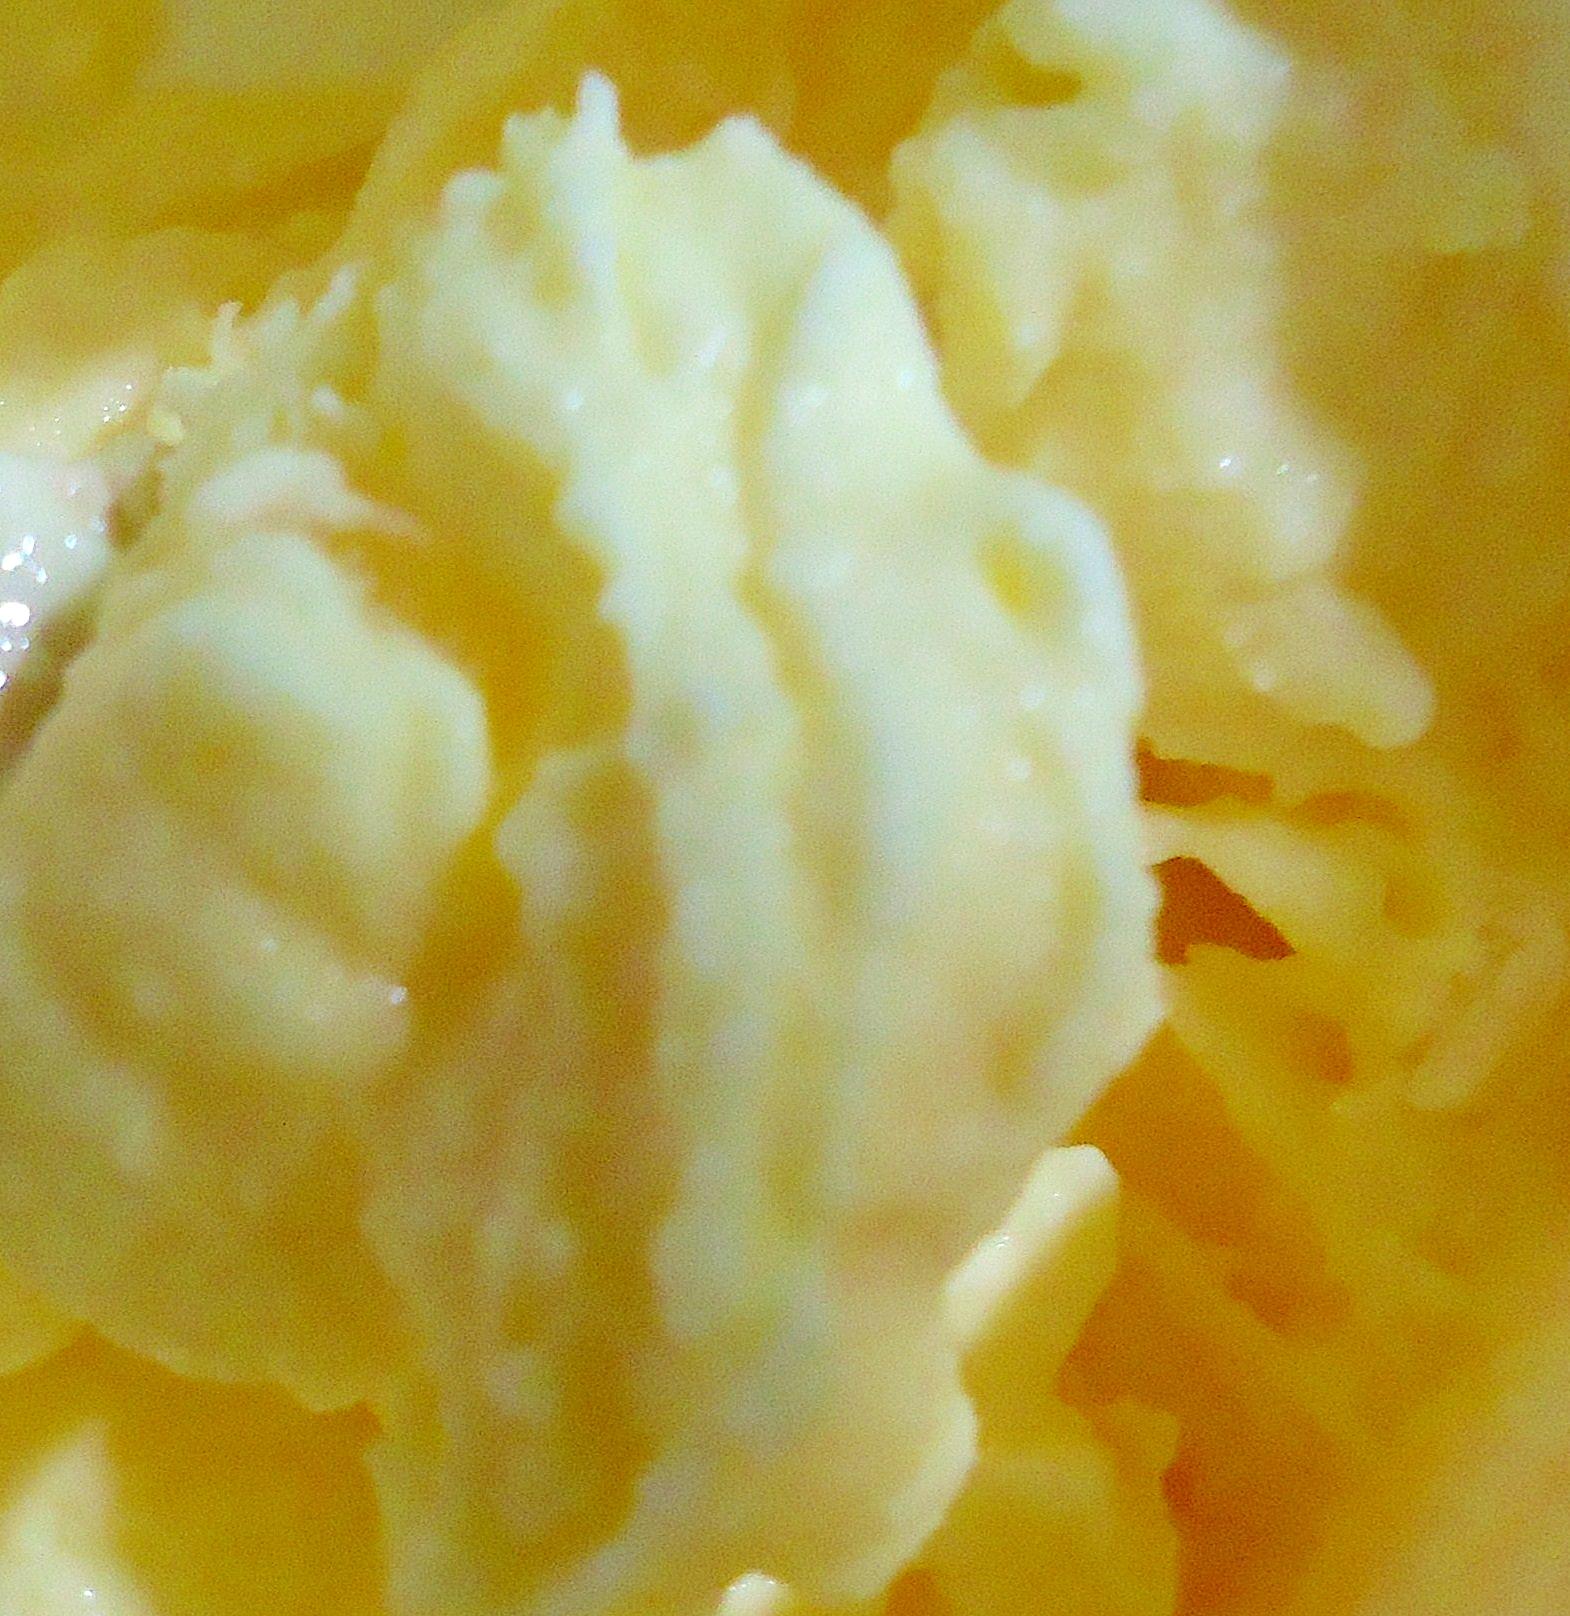 マンゴーアイス(缶詰アレンジレシピ)